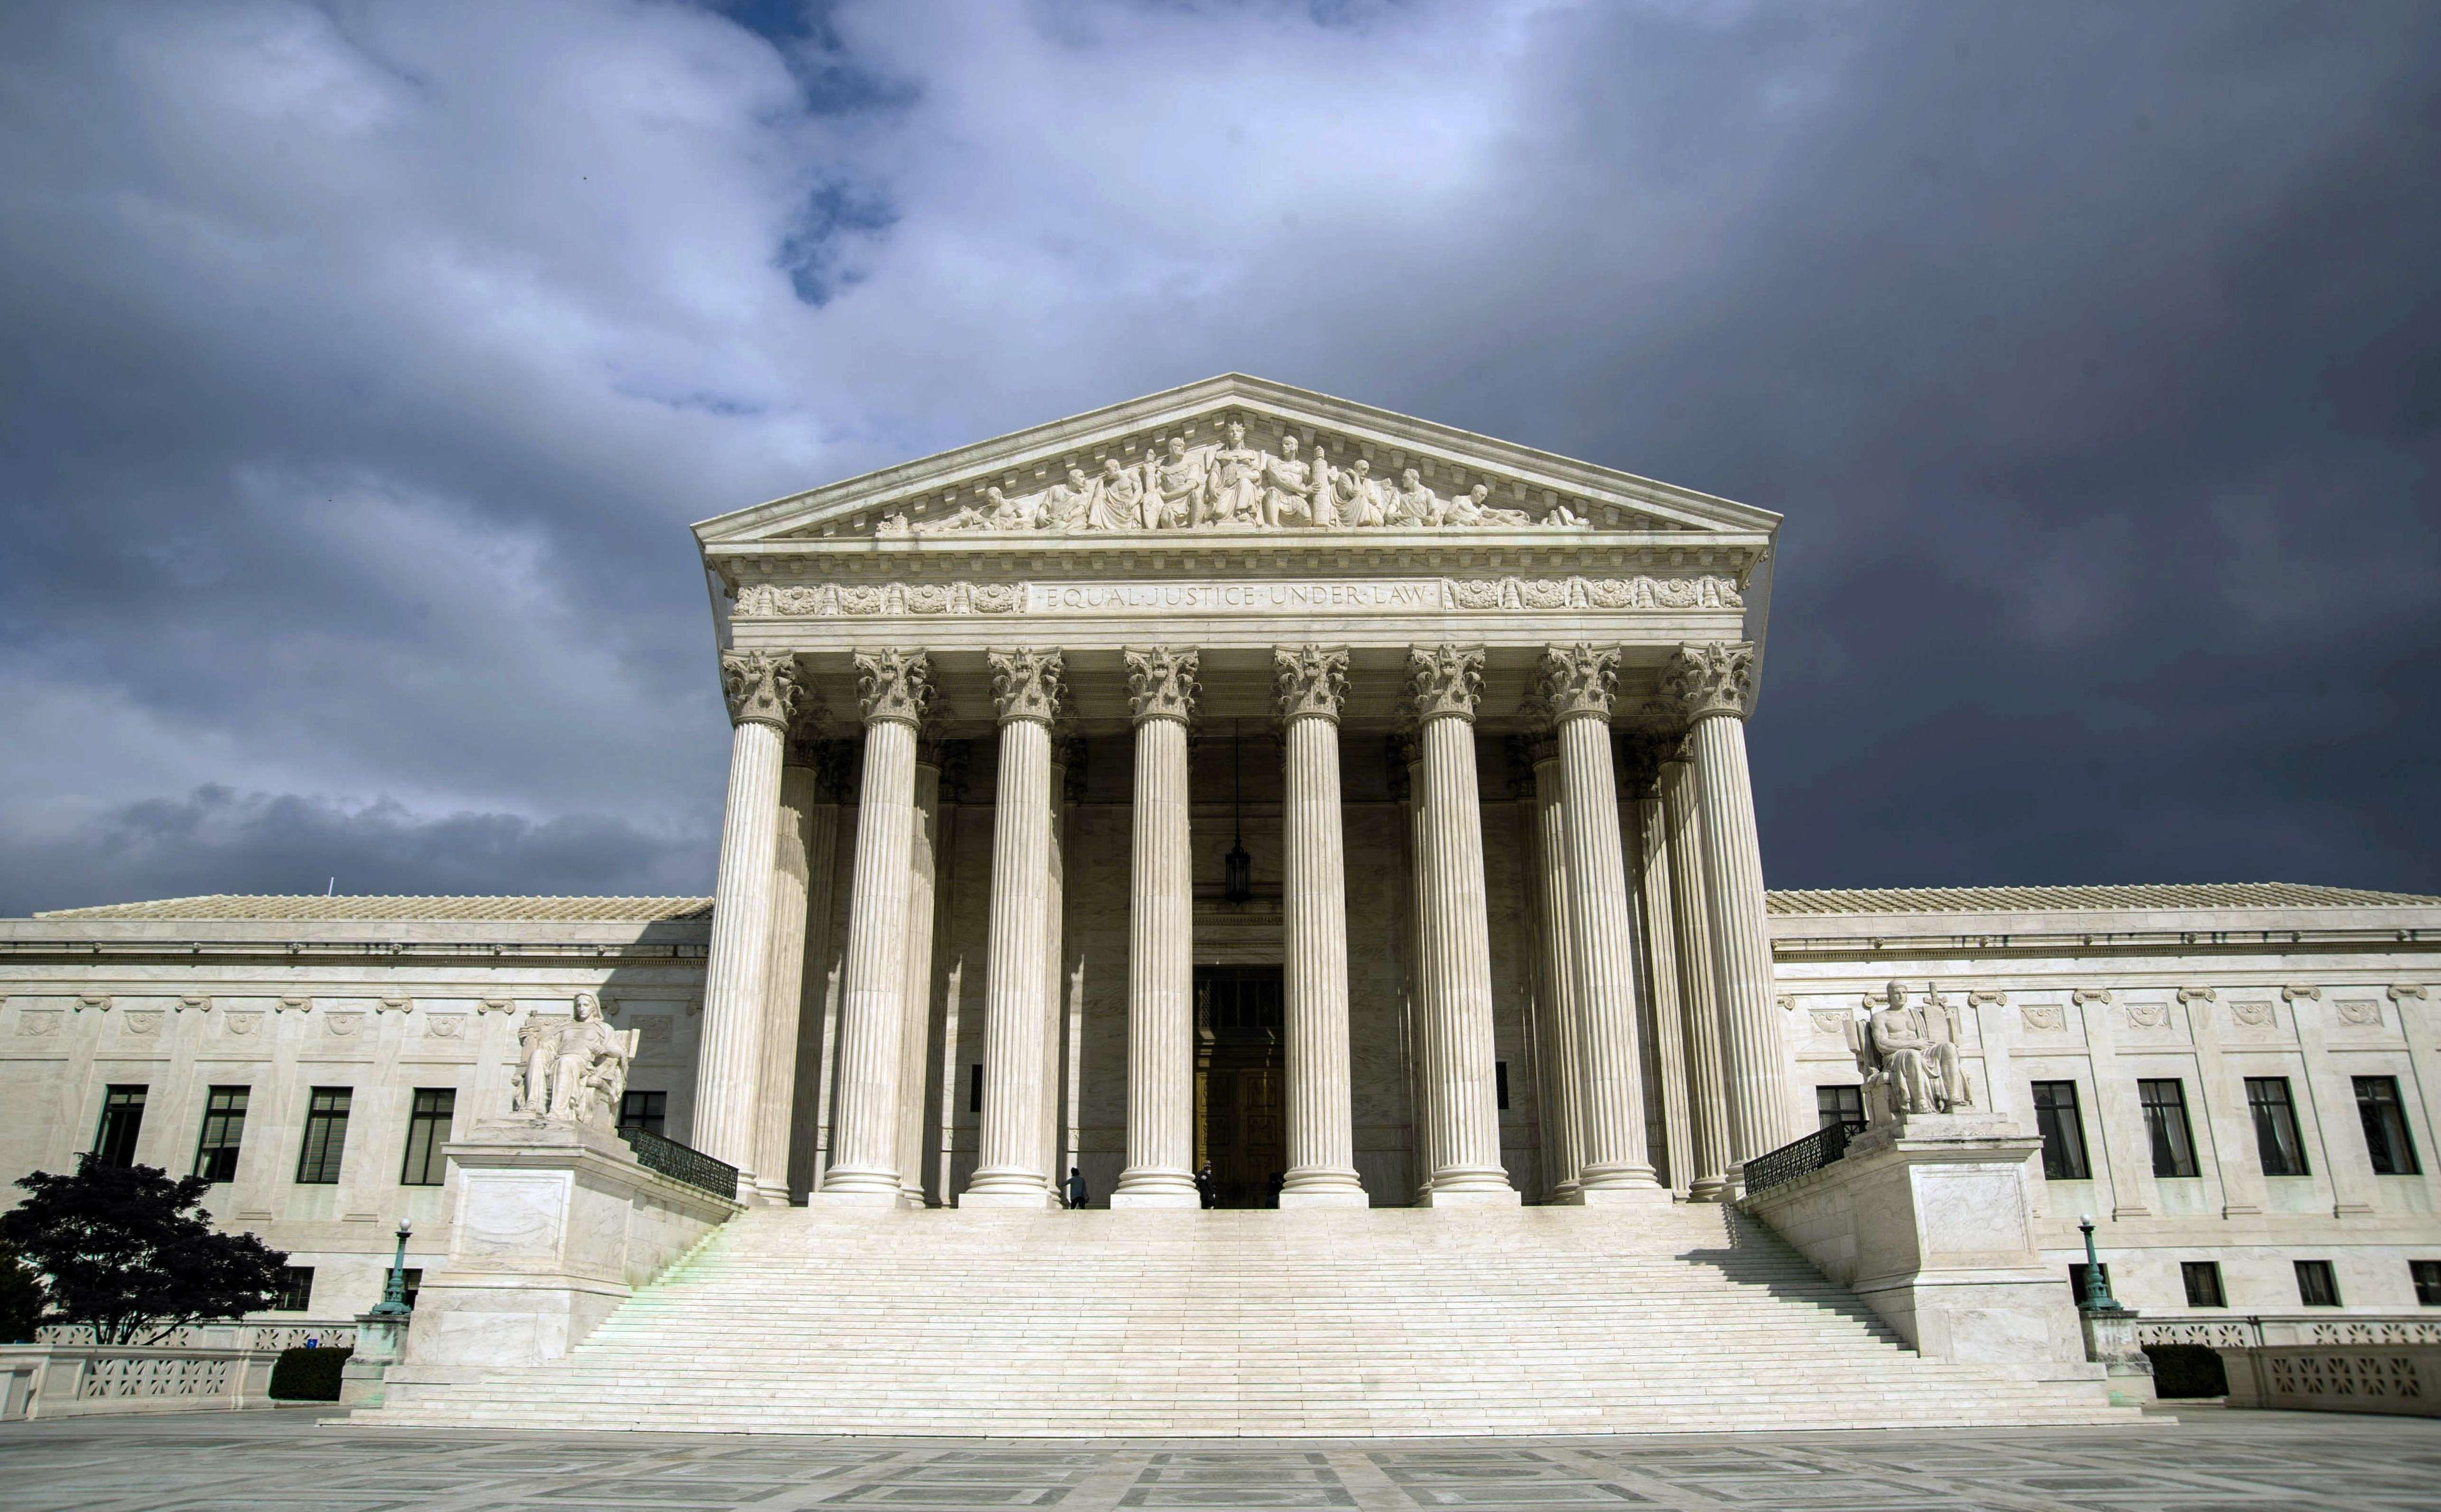 La Corte Suprema de Estados Unidos rechazó la apelación argentina para revisar el fallo sobre fondos buitres.